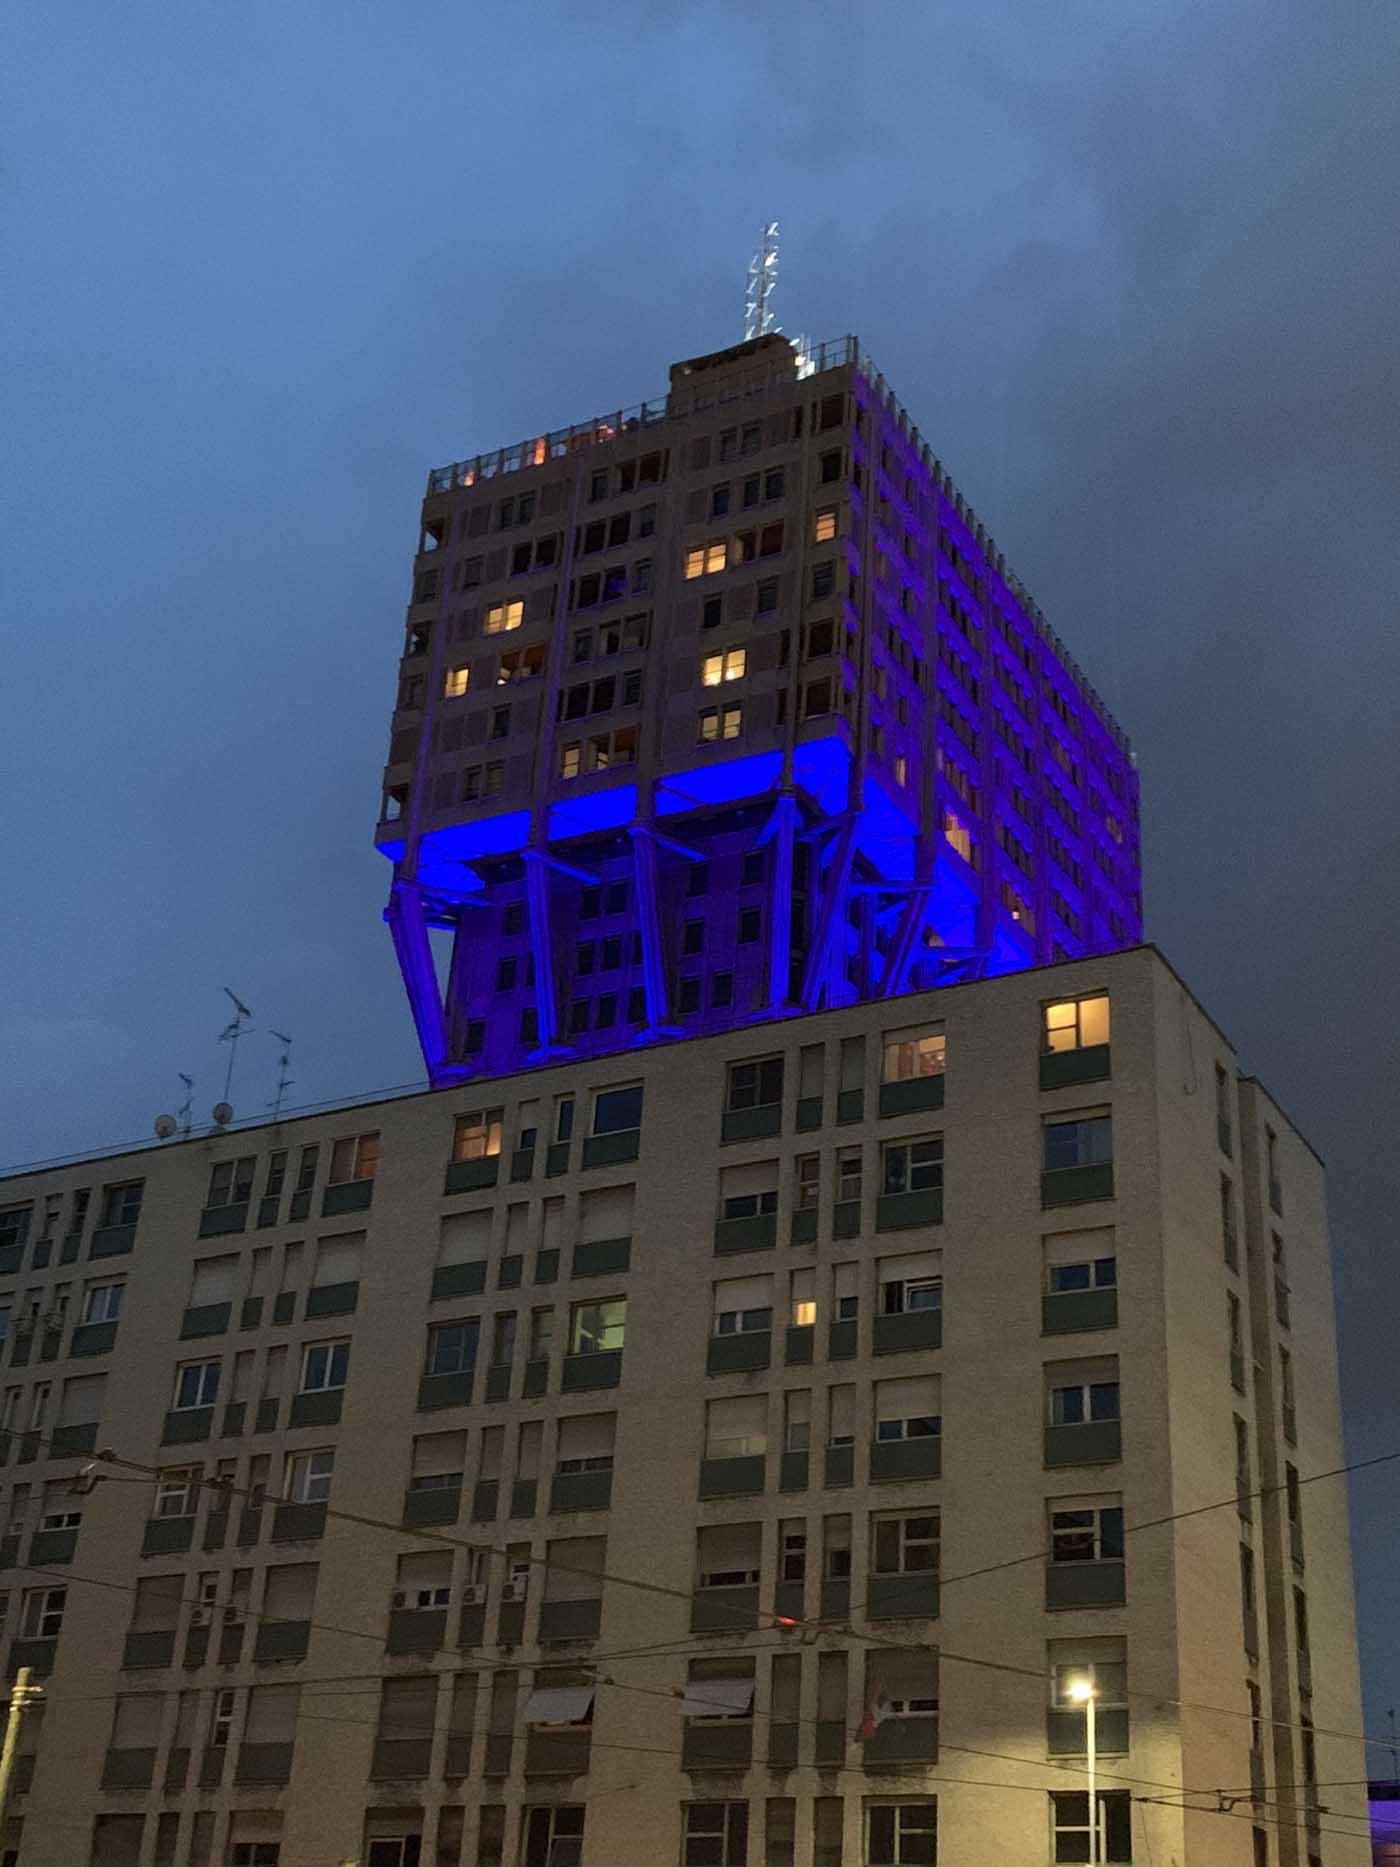 Torre Velasca illuminated by Ingo Maurer